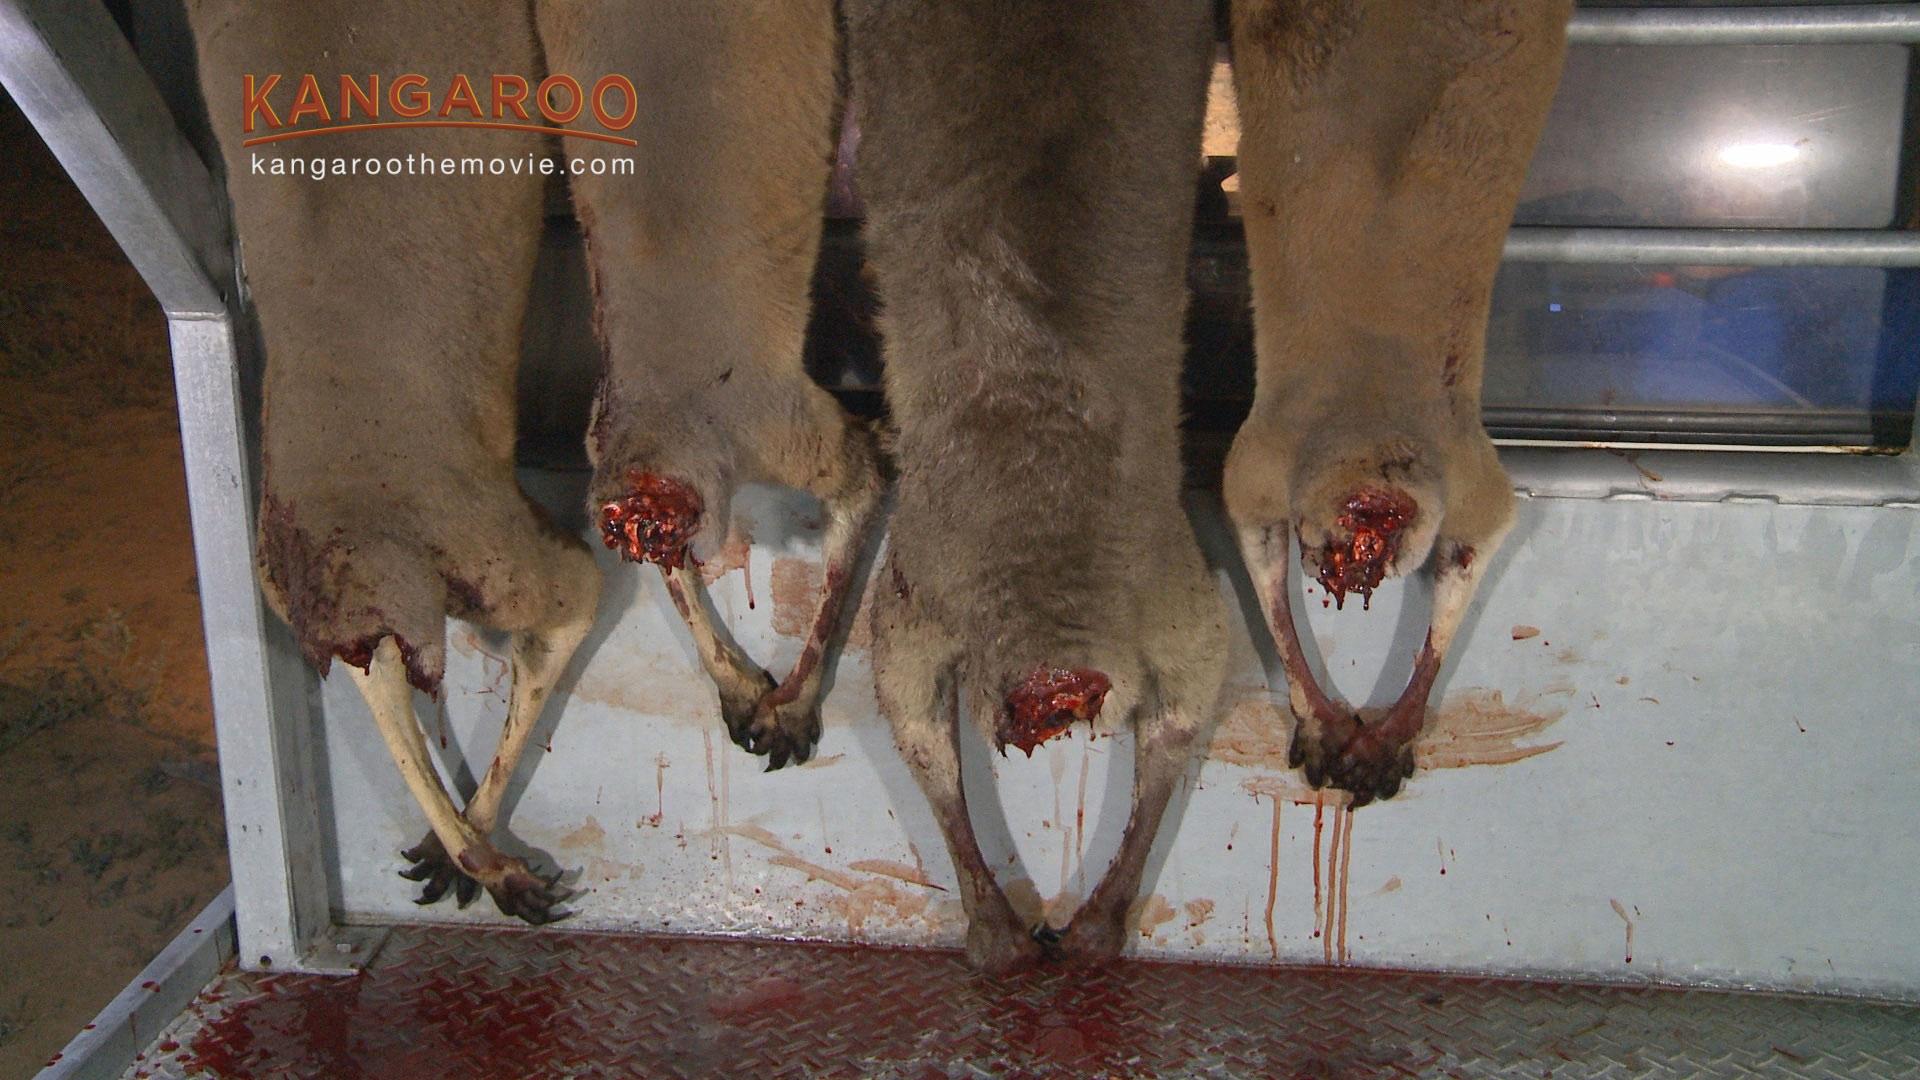 A photo of decapitated kangaroos.